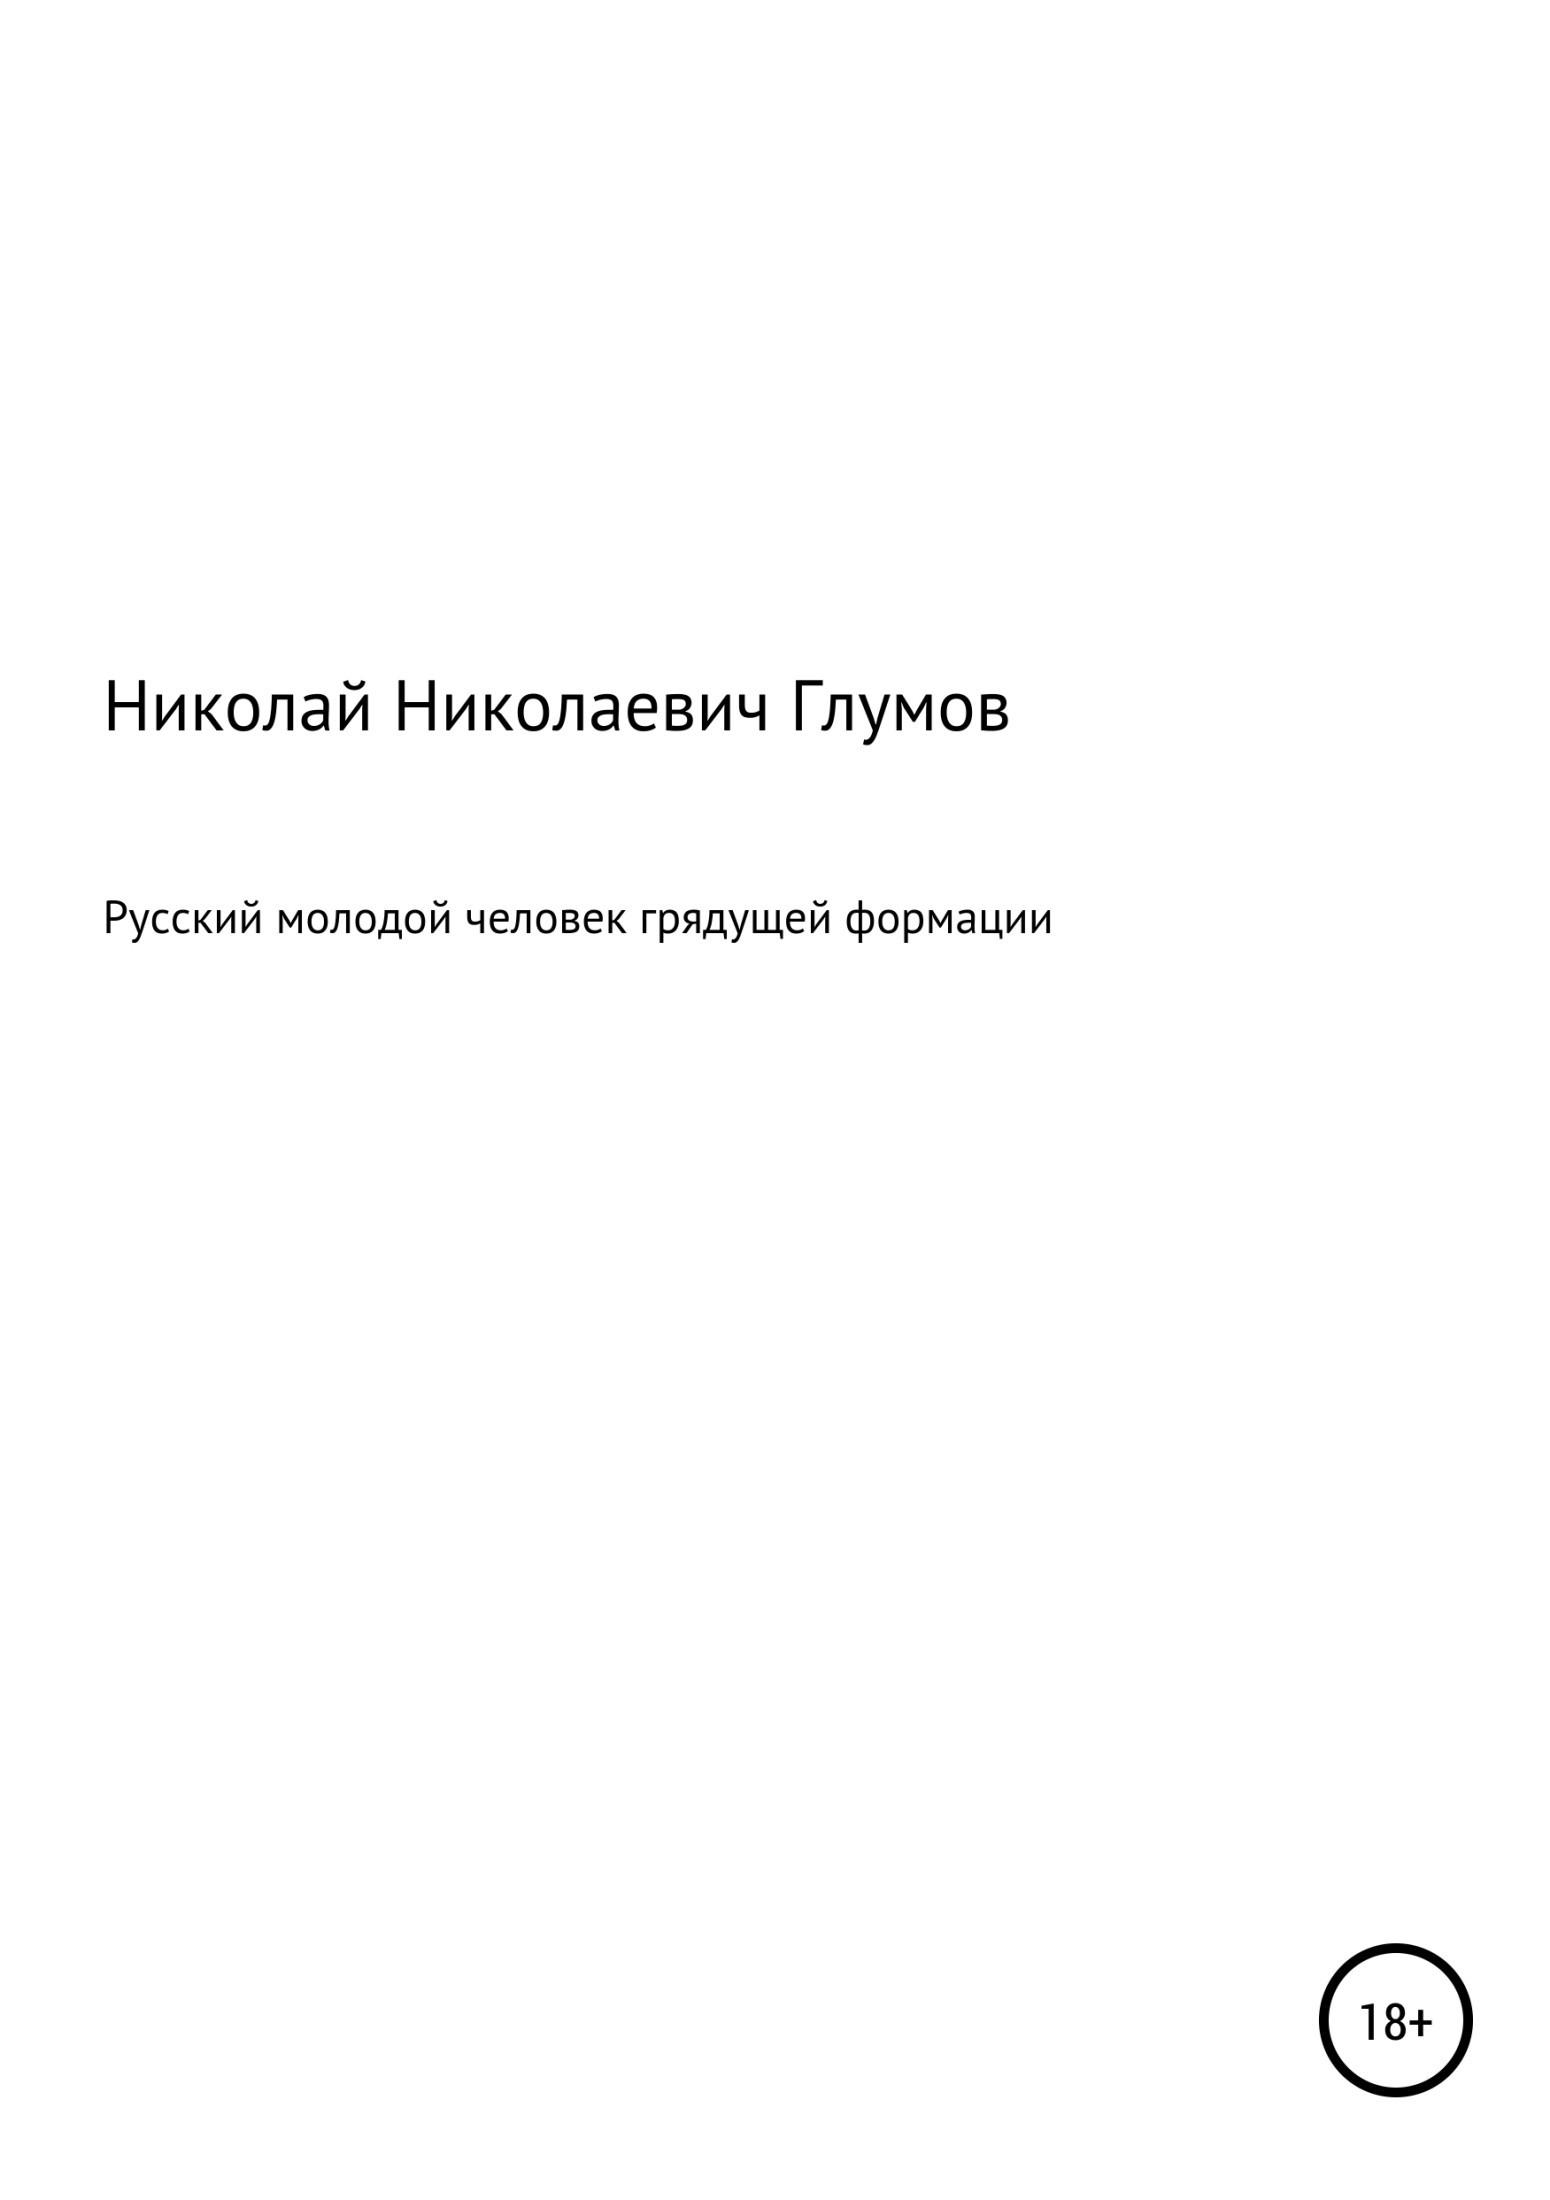 Николай Николаевич Глумов Русский молодой человек грядущей формации николай николаевич глумов красный флаг над заводом